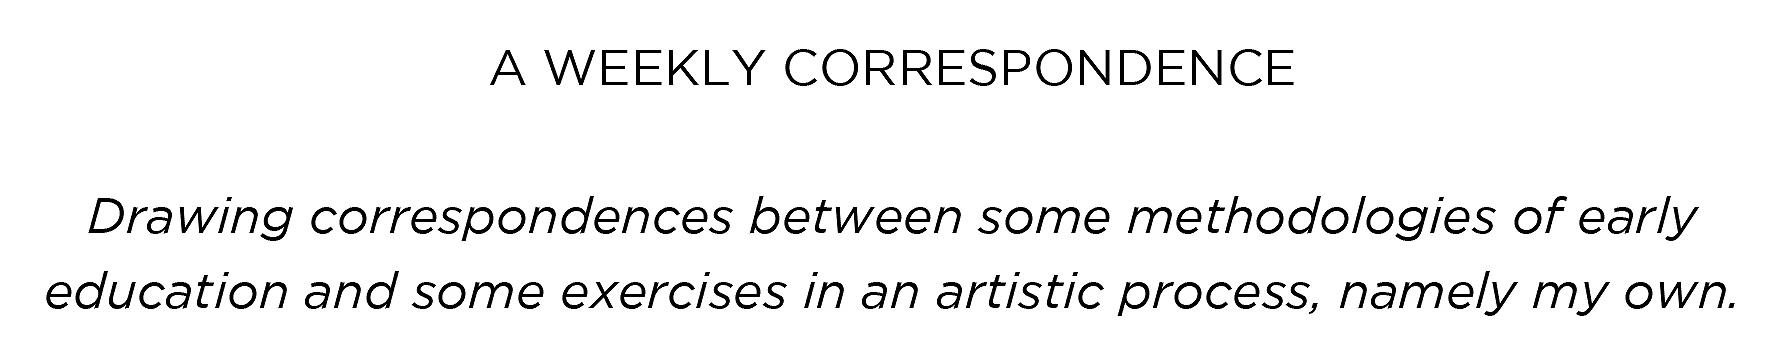 drawcorrespondence #2